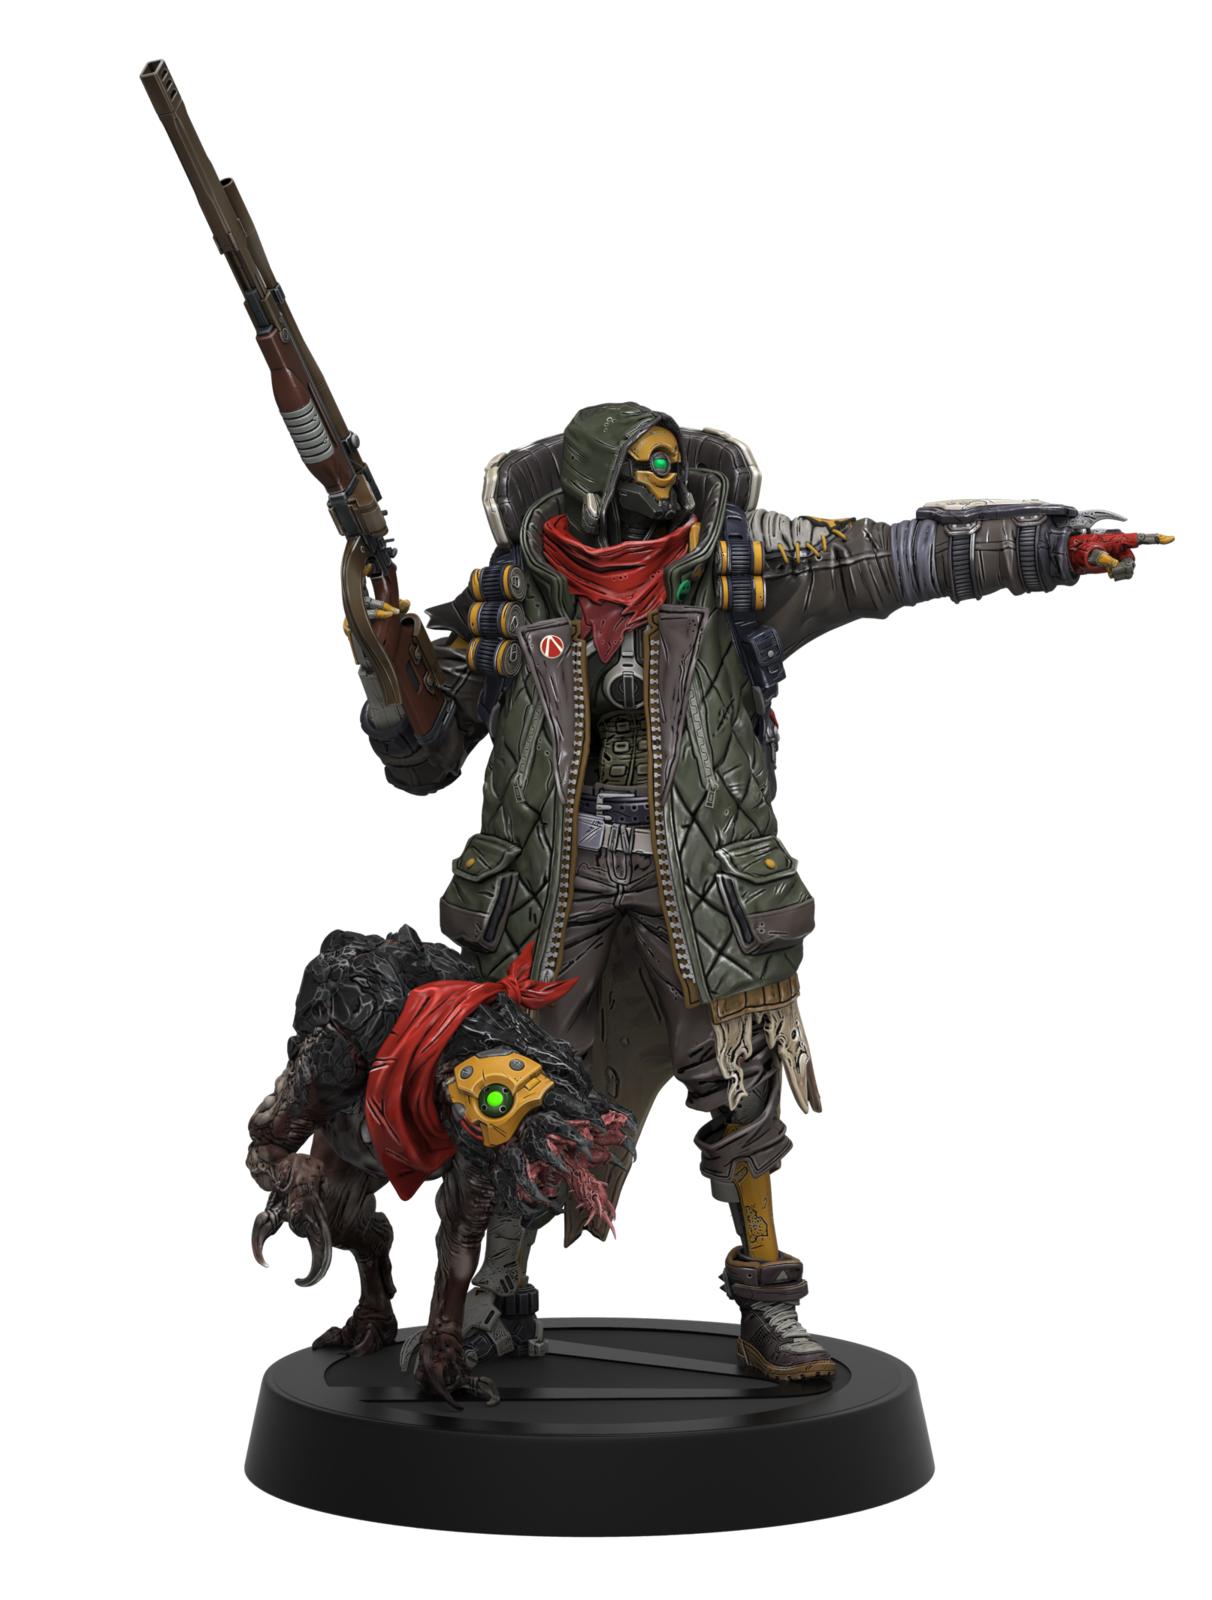 Borderlands 3: Figures of Fandom - FL4K image